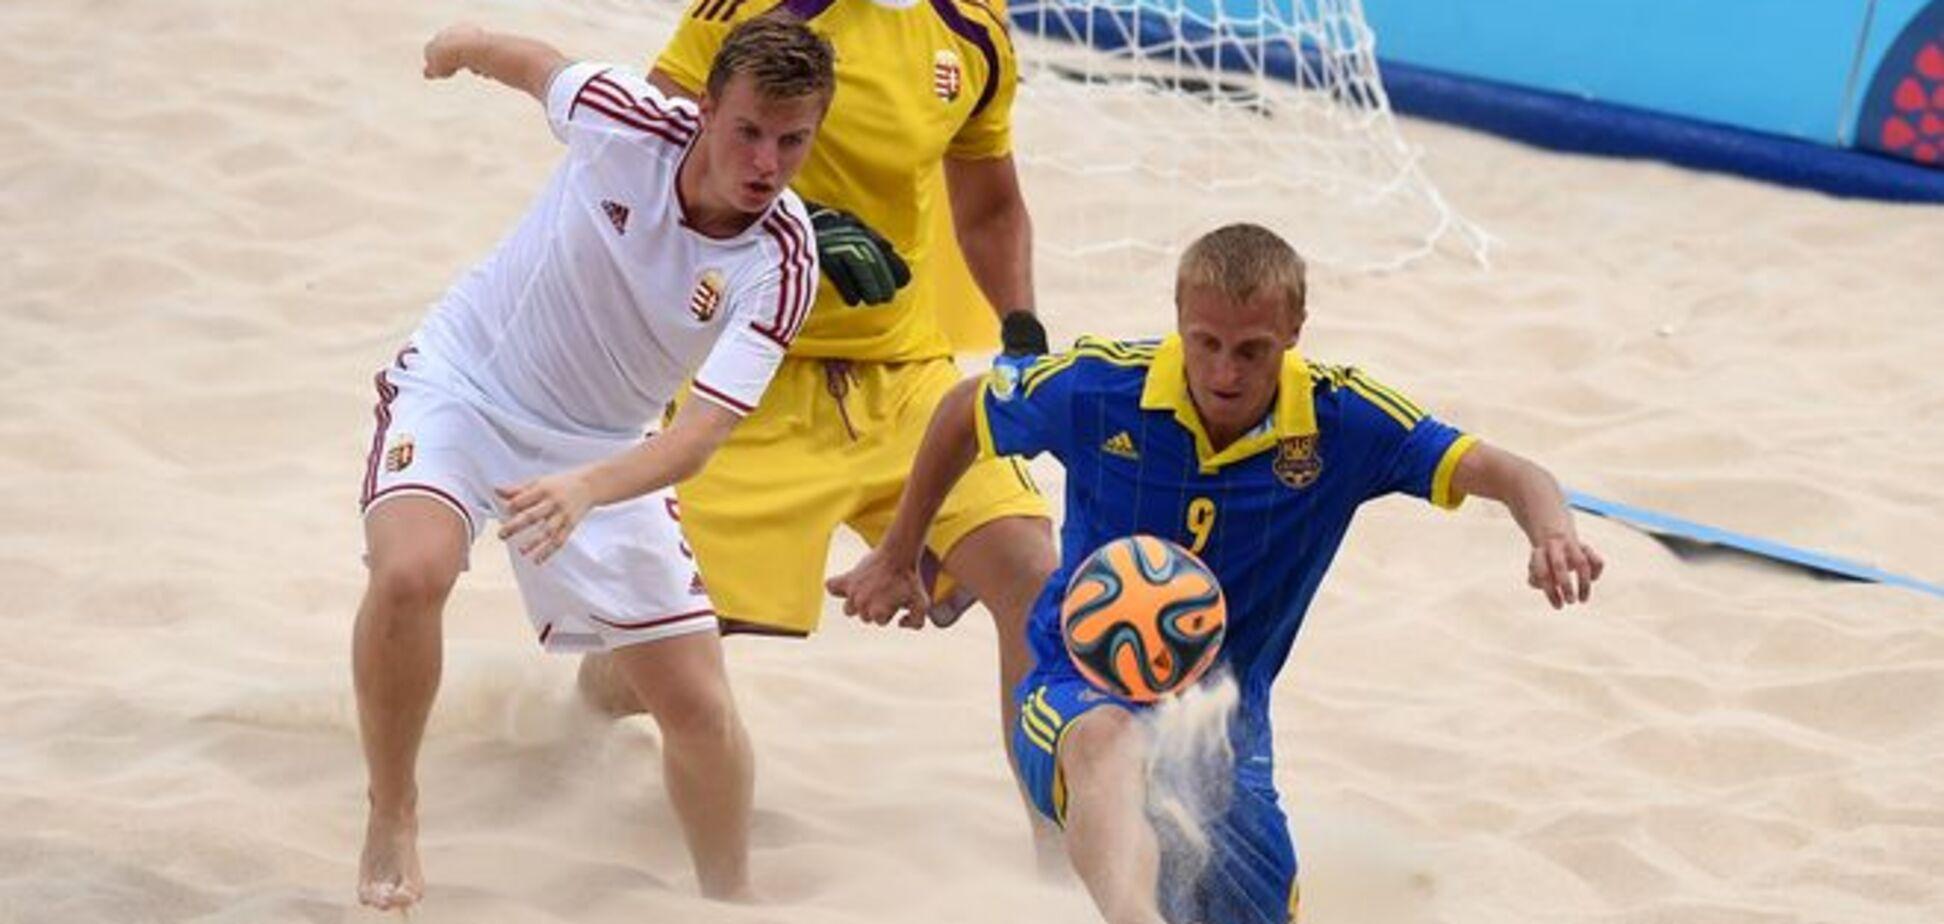 Україна - Іспанія: онлайн відеотрансляція футболу на Європейських іграх